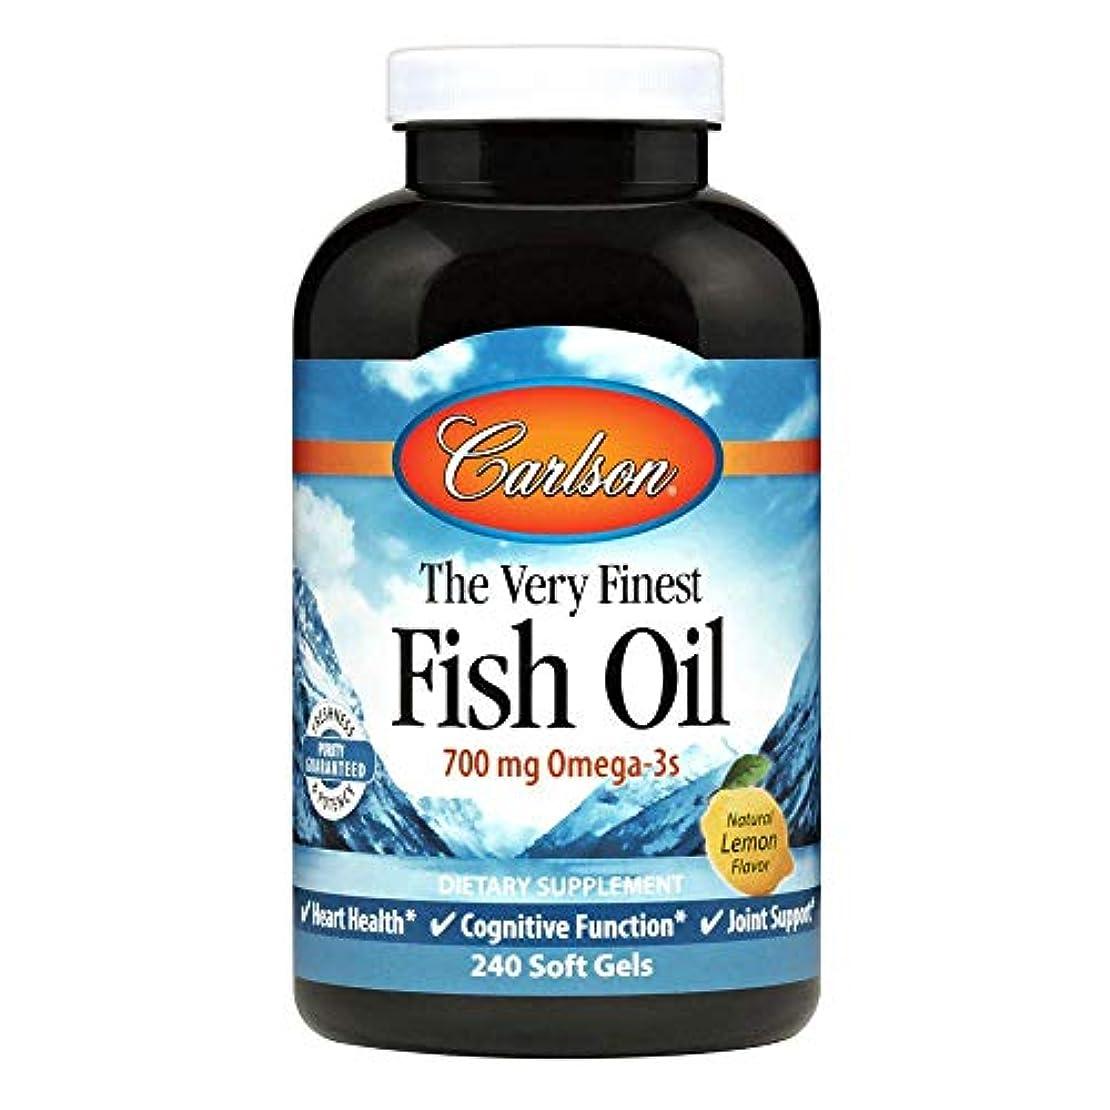 優しさ怒って失うCarlson Labs - 最も良い魚オイルレモン味 1000 mg。1ソフトジェル